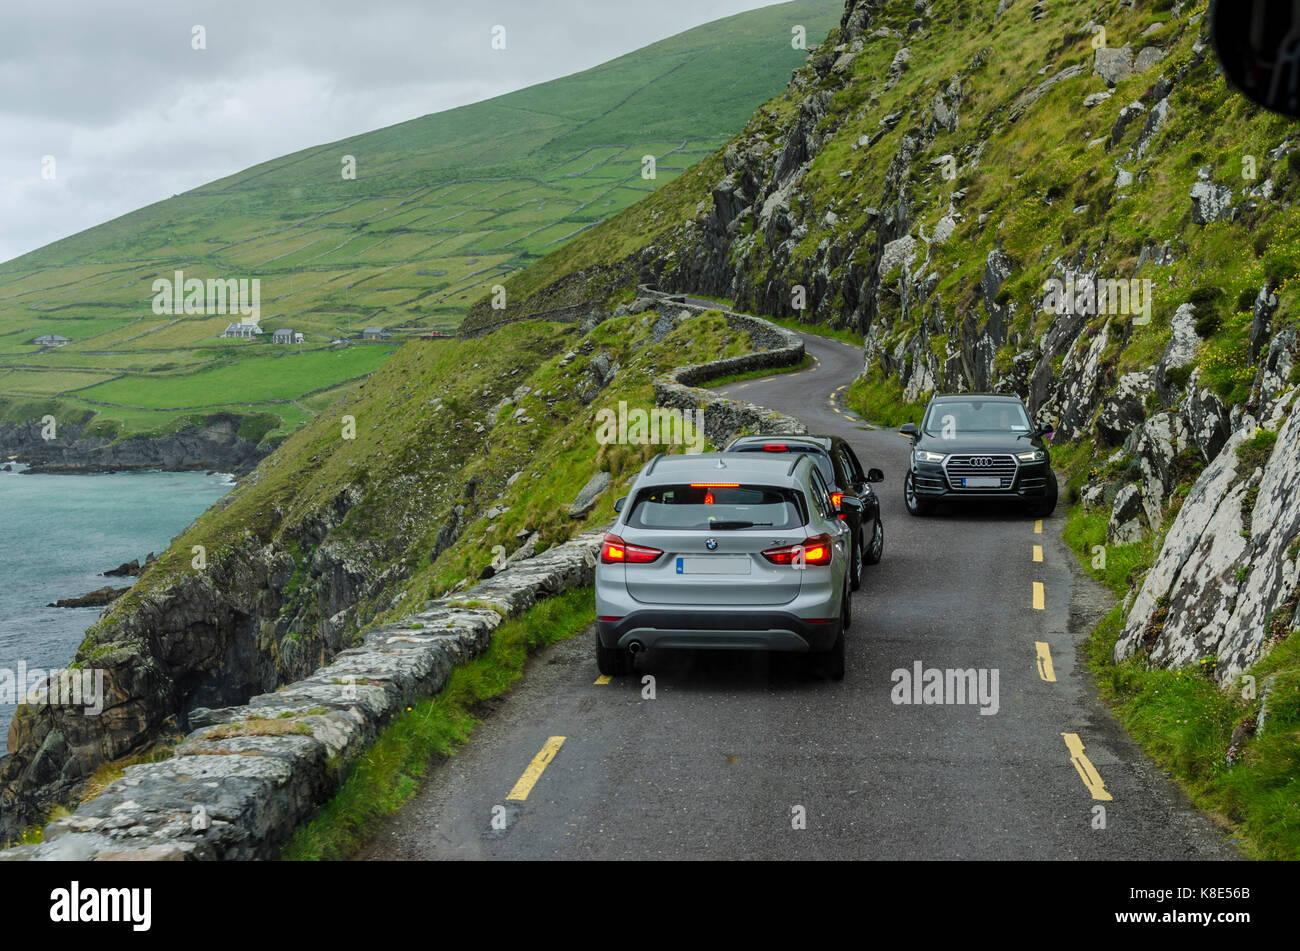 Ireland, oncoming traffic on K?stenstrasse of the peninsula Dingle, Irland, Gegenverkehr auf der Küstenstrasse - Stock Image